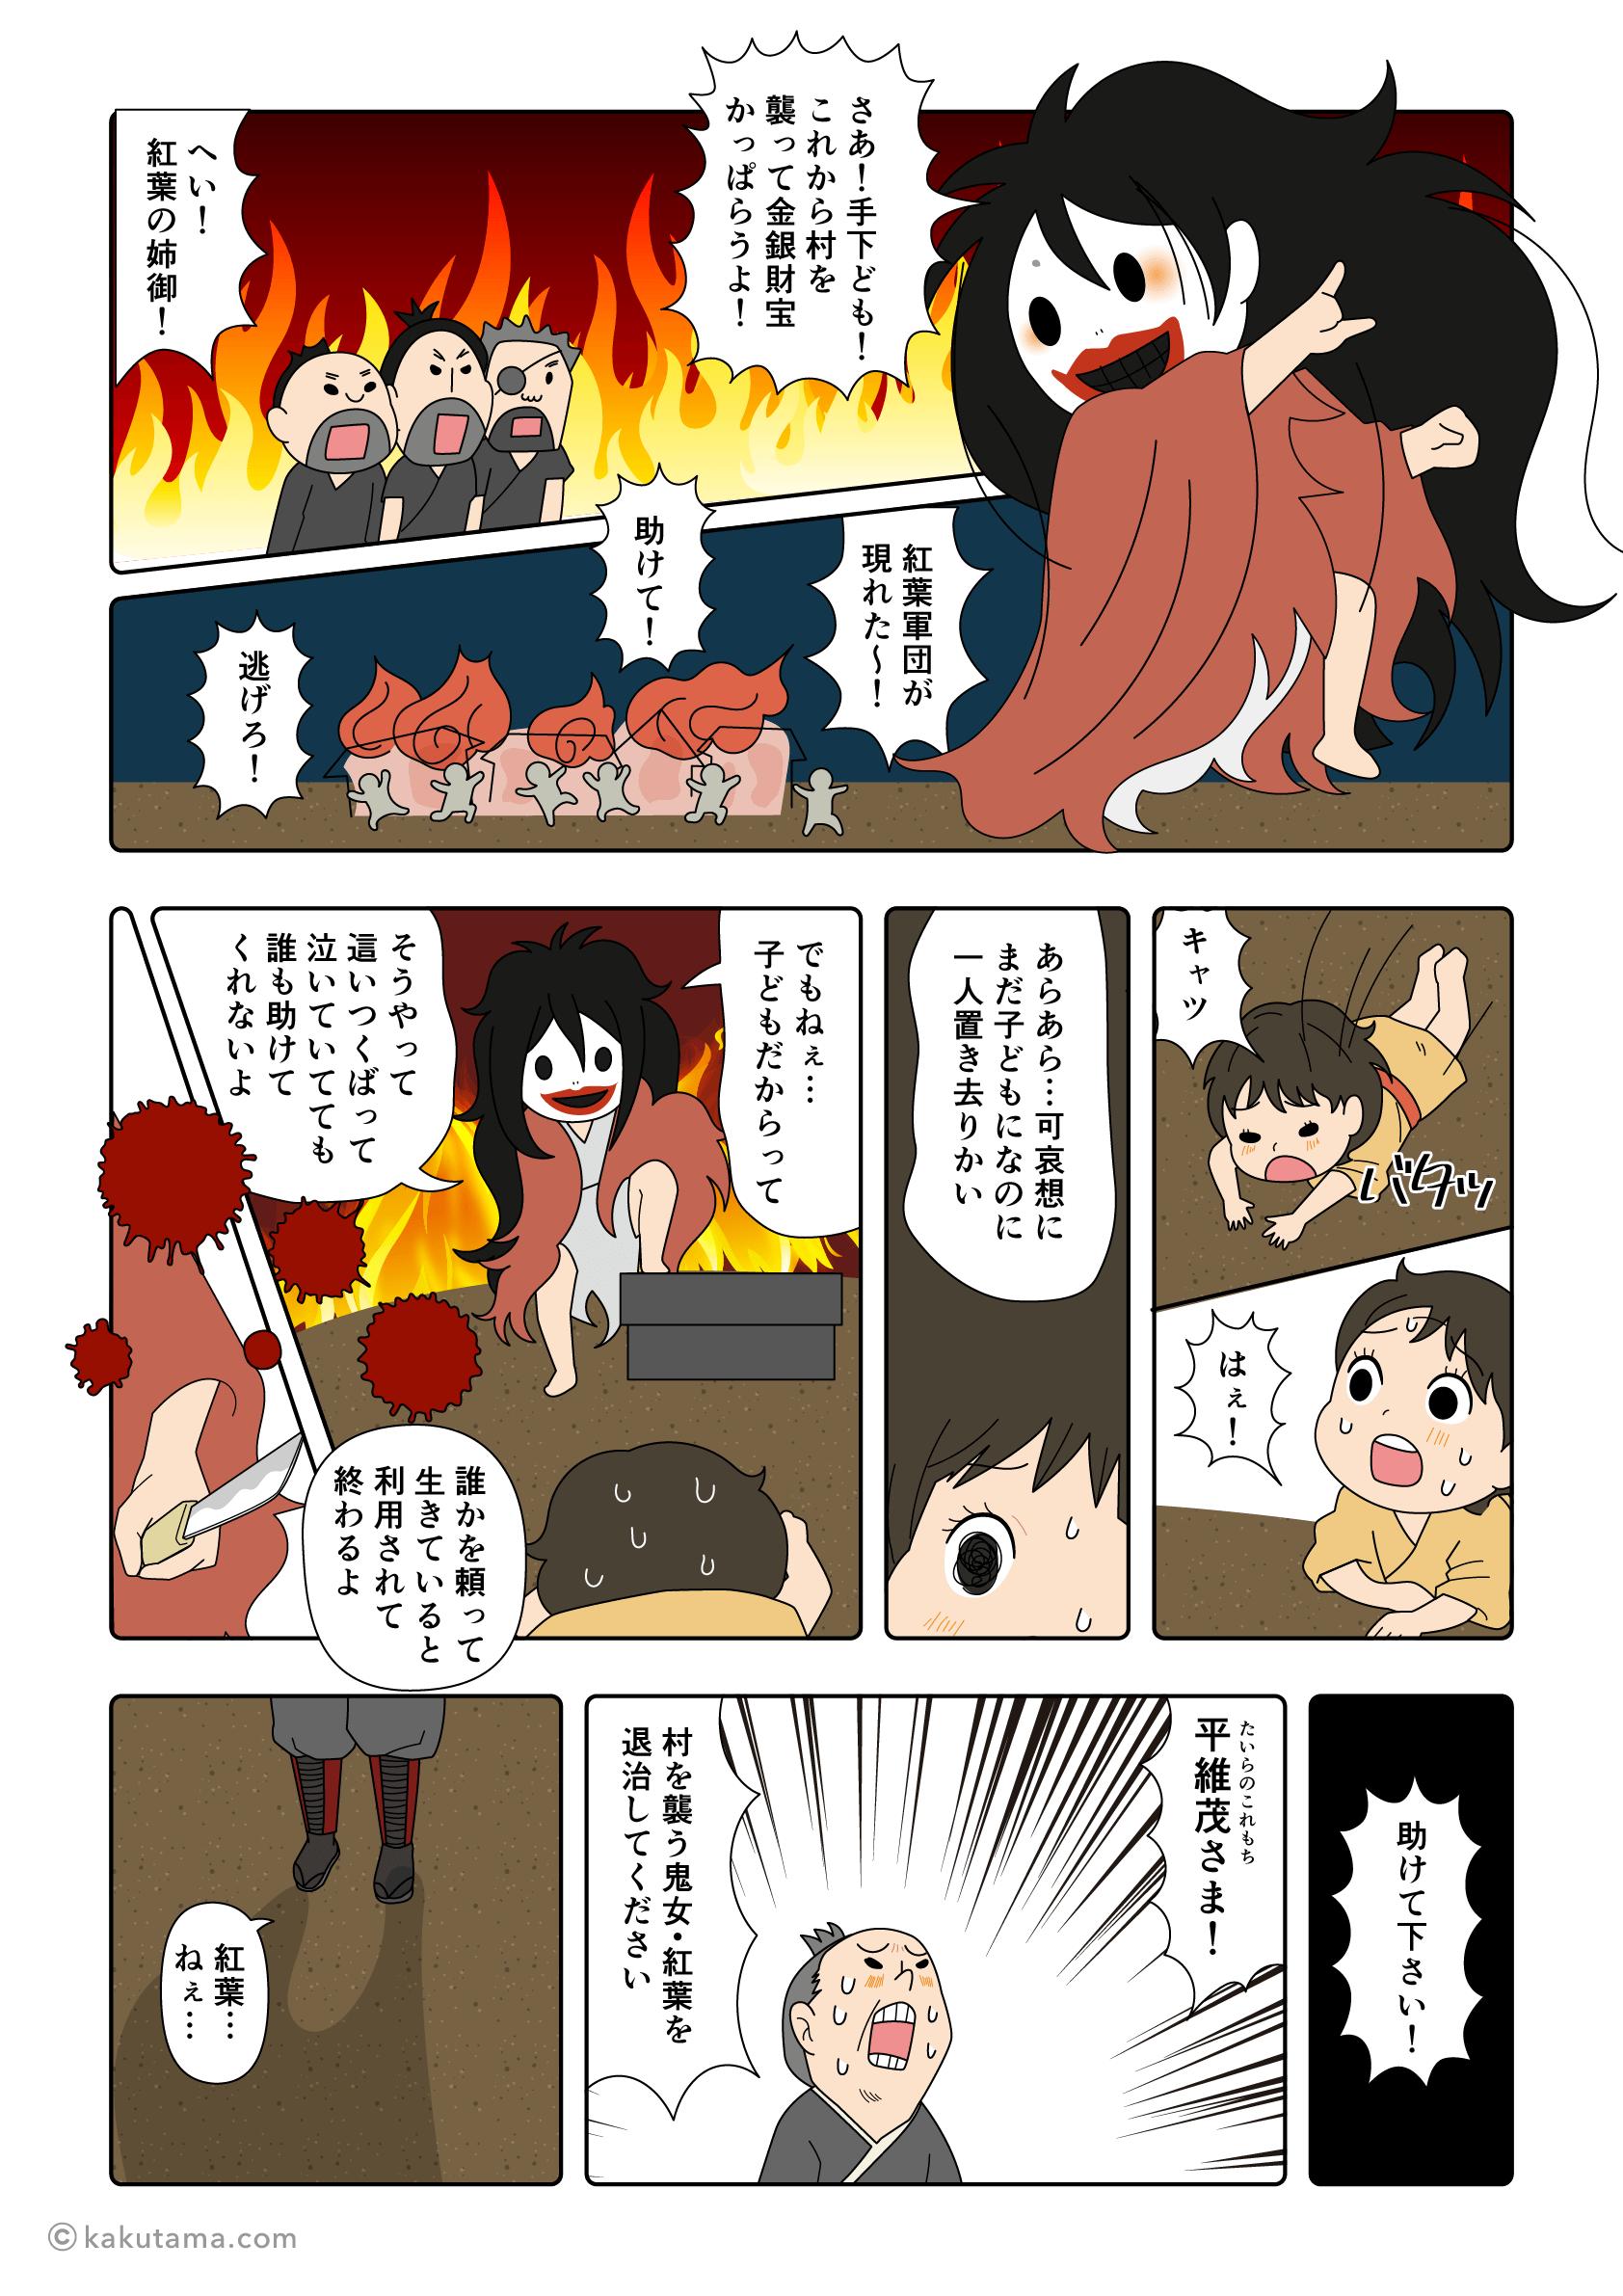 村を襲い紅葉の漫画